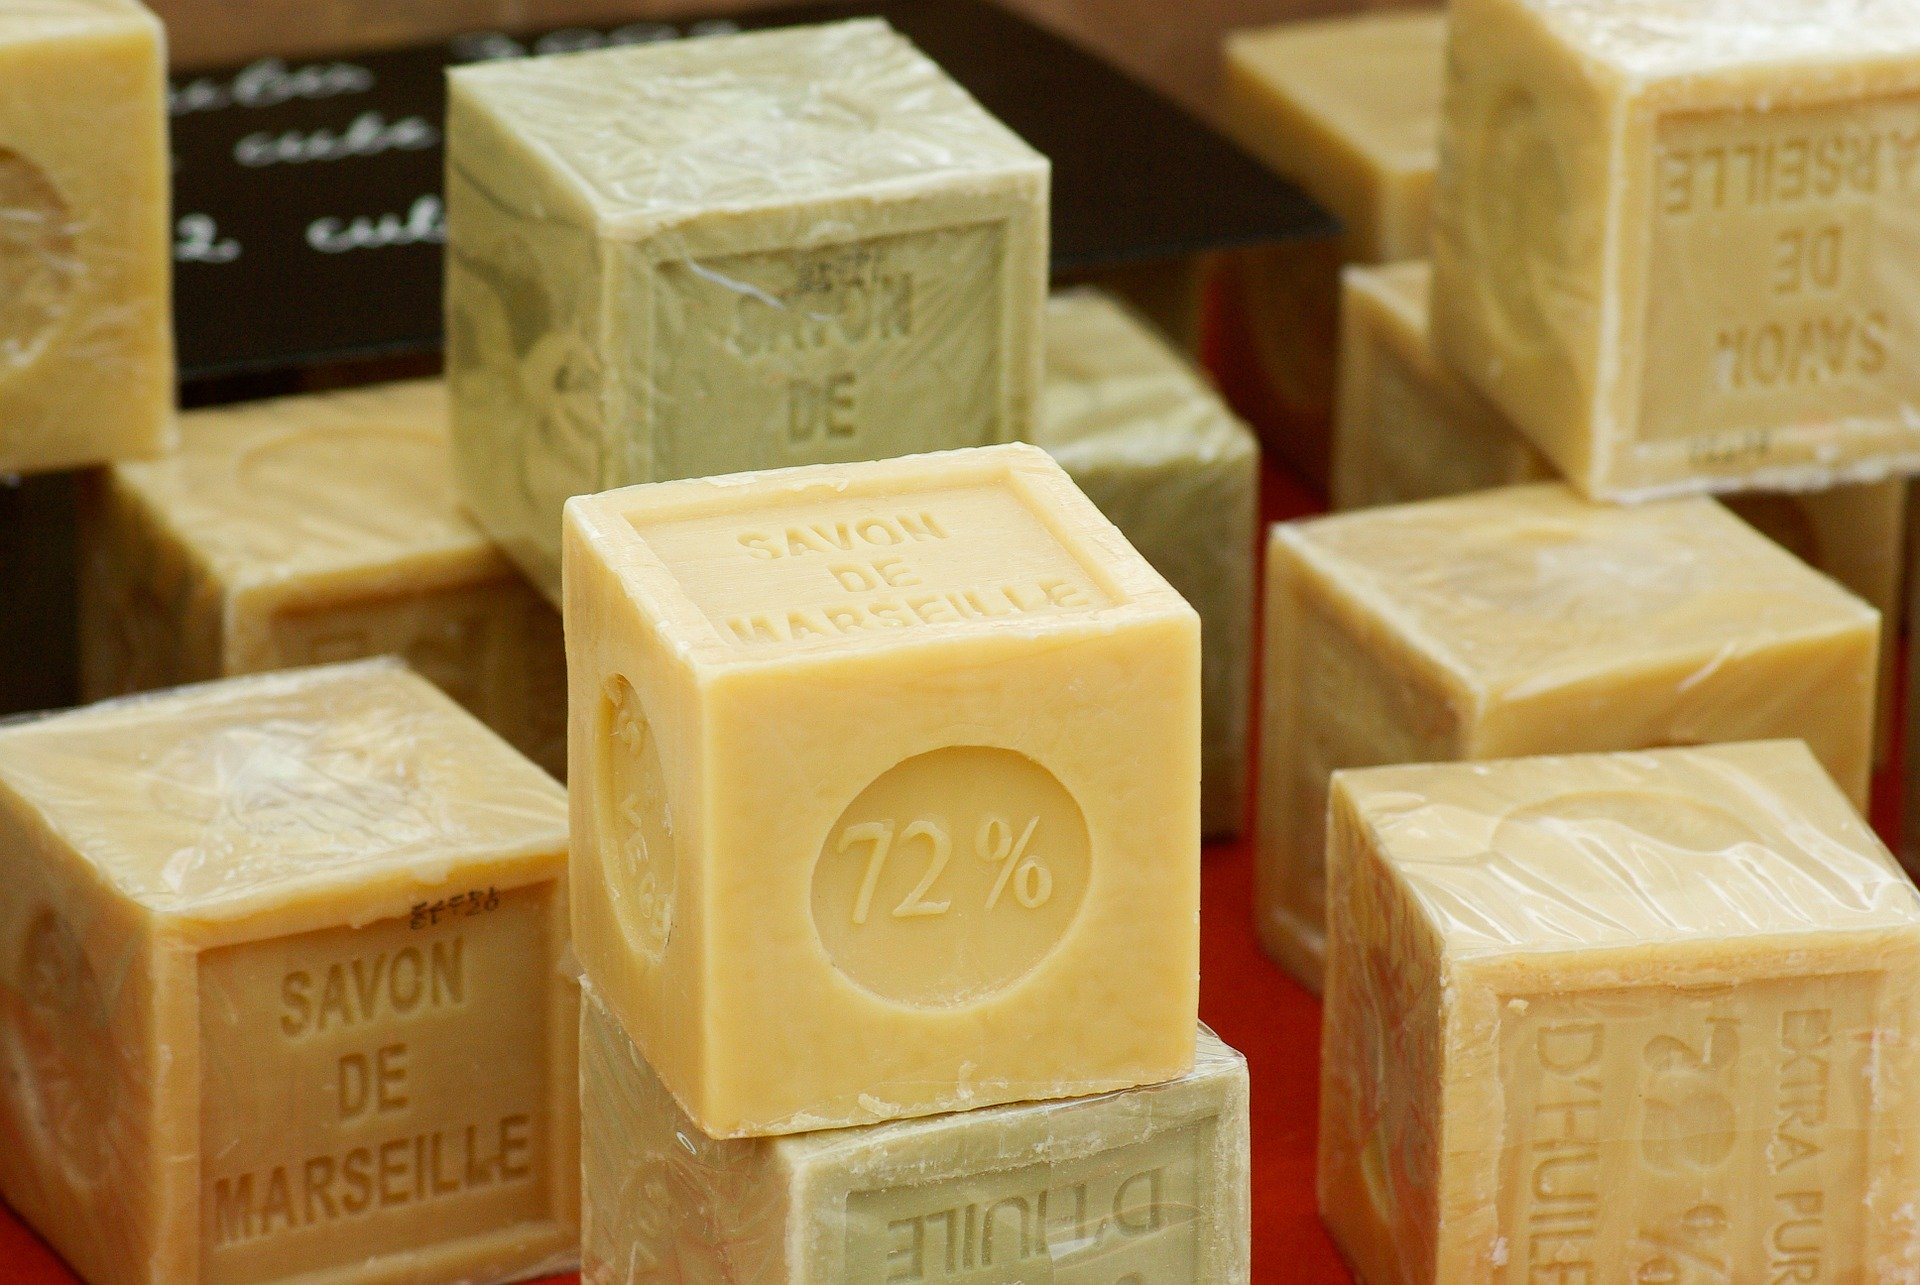 Seminaire-Marseille-Team-building-savon